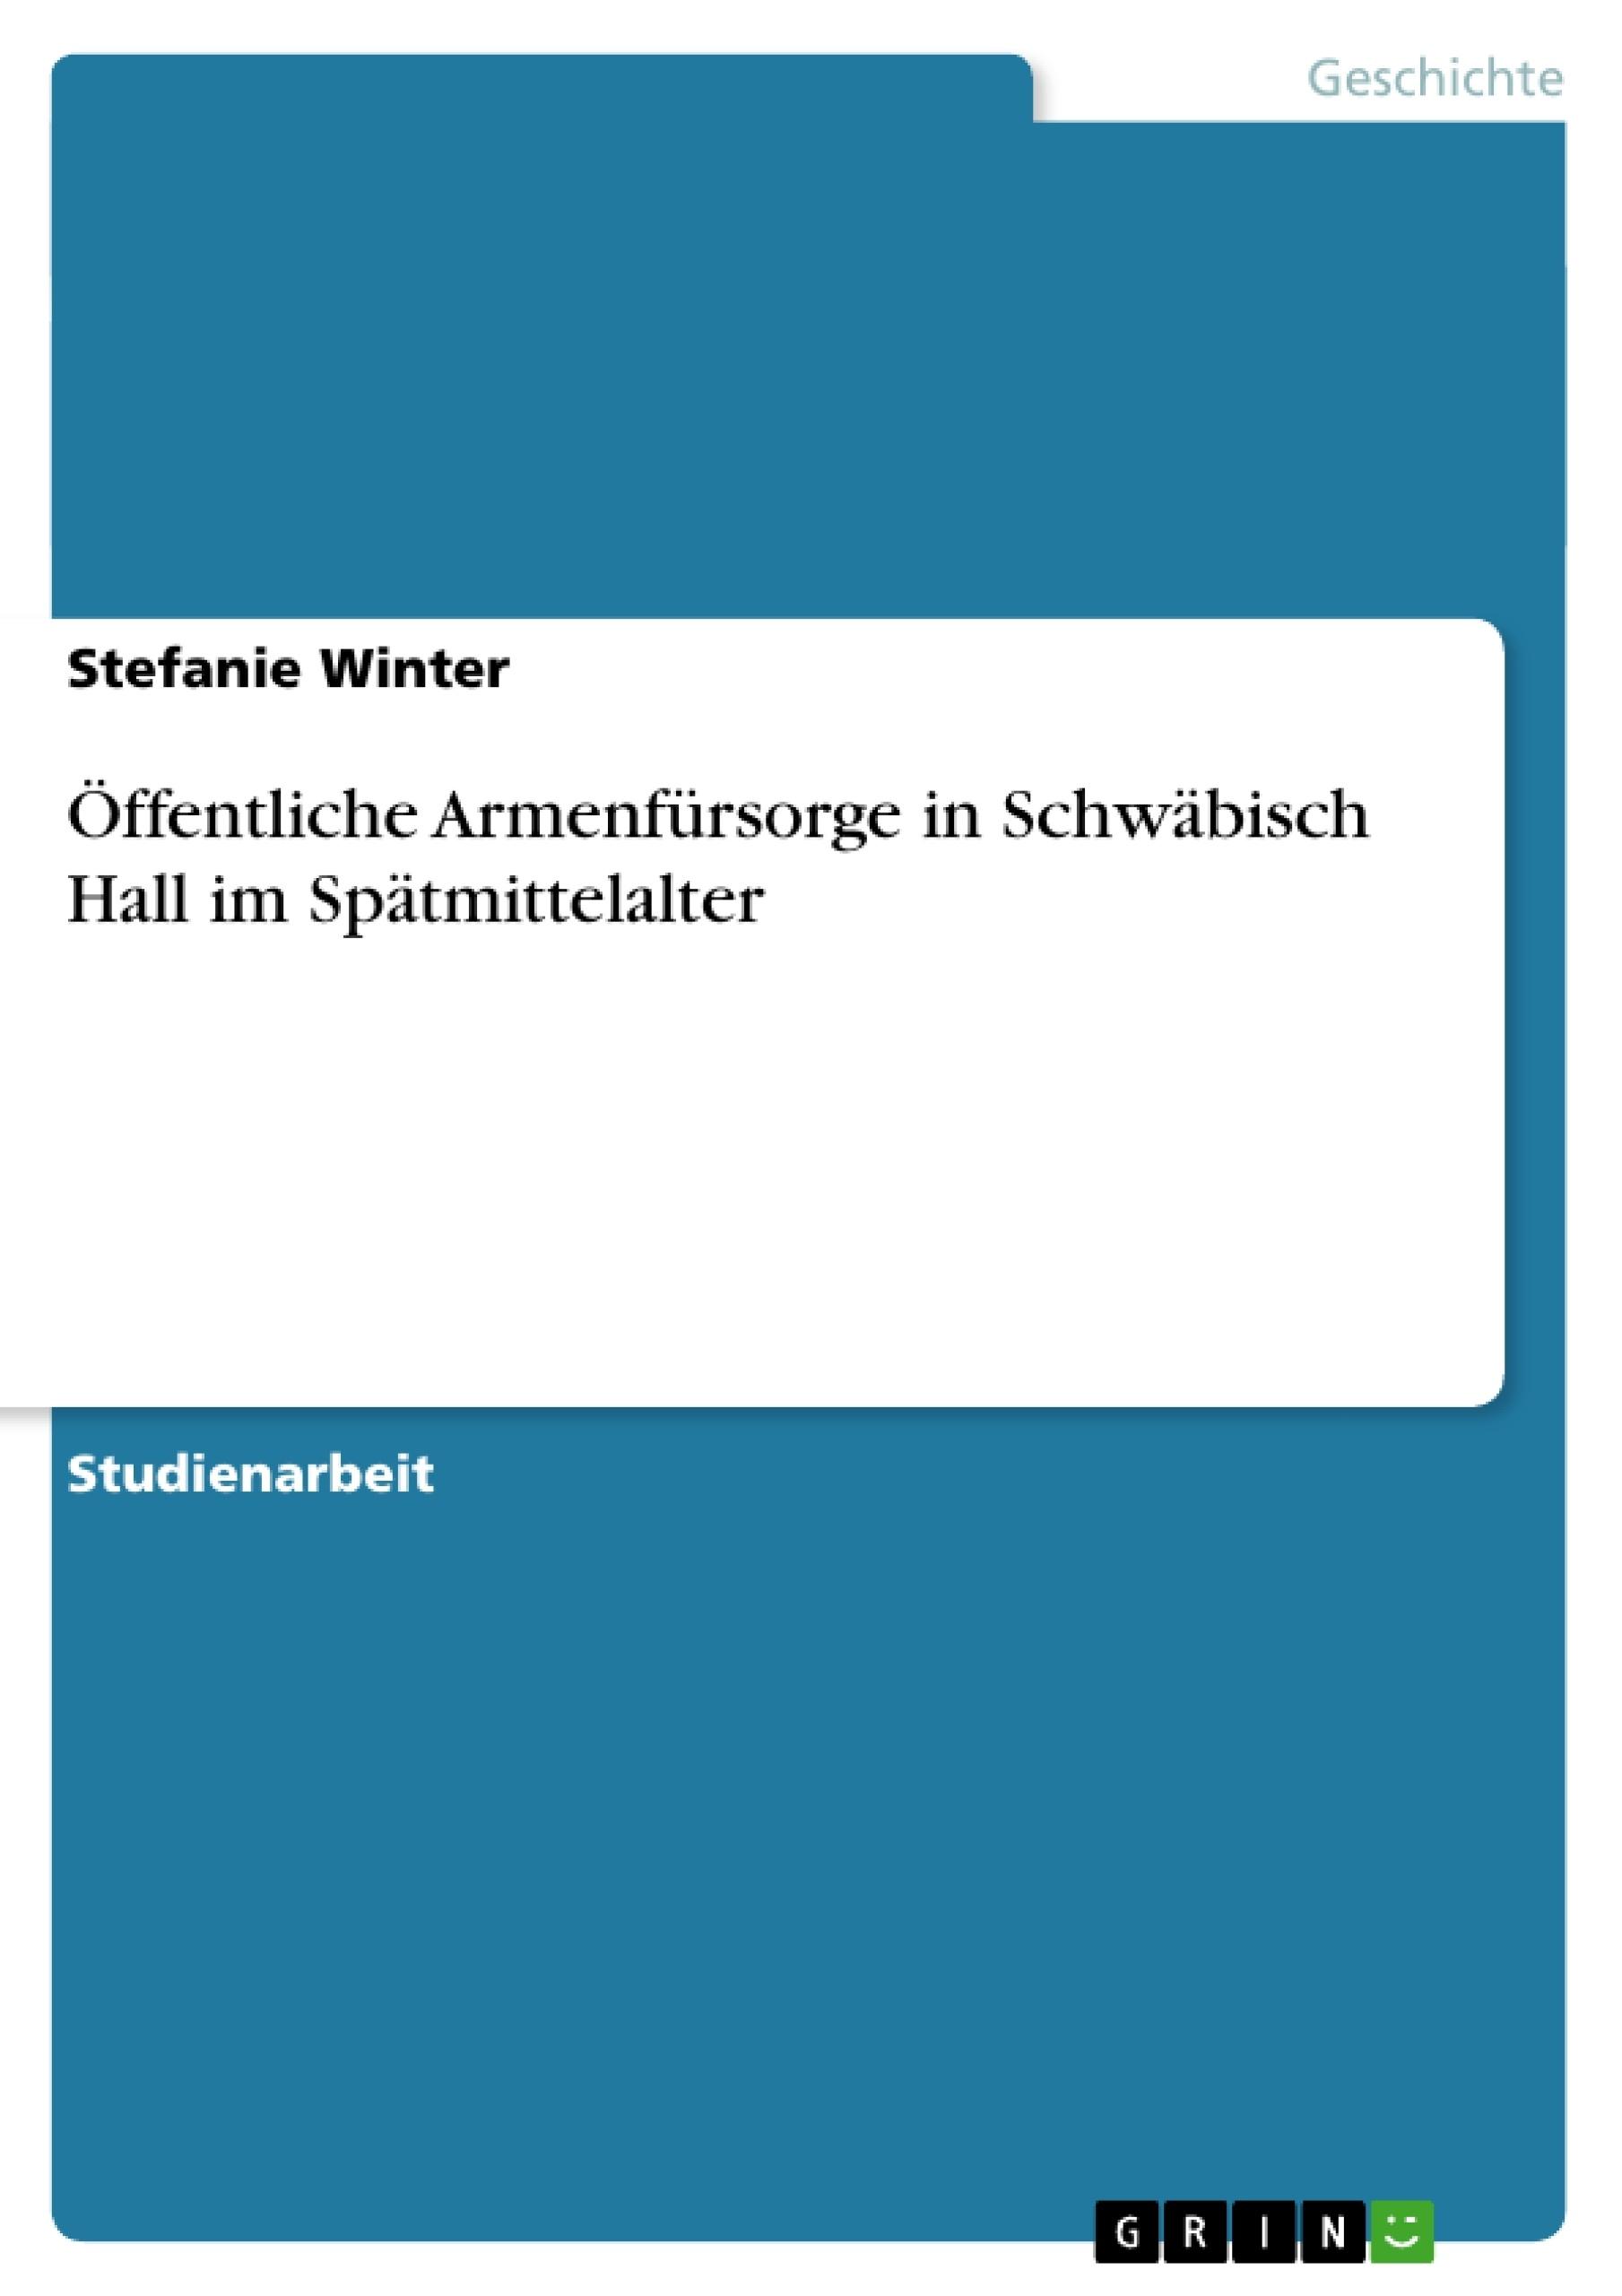 Titel: Öffentliche Armenfürsorge in Schwäbisch Hall im Spätmittelalter